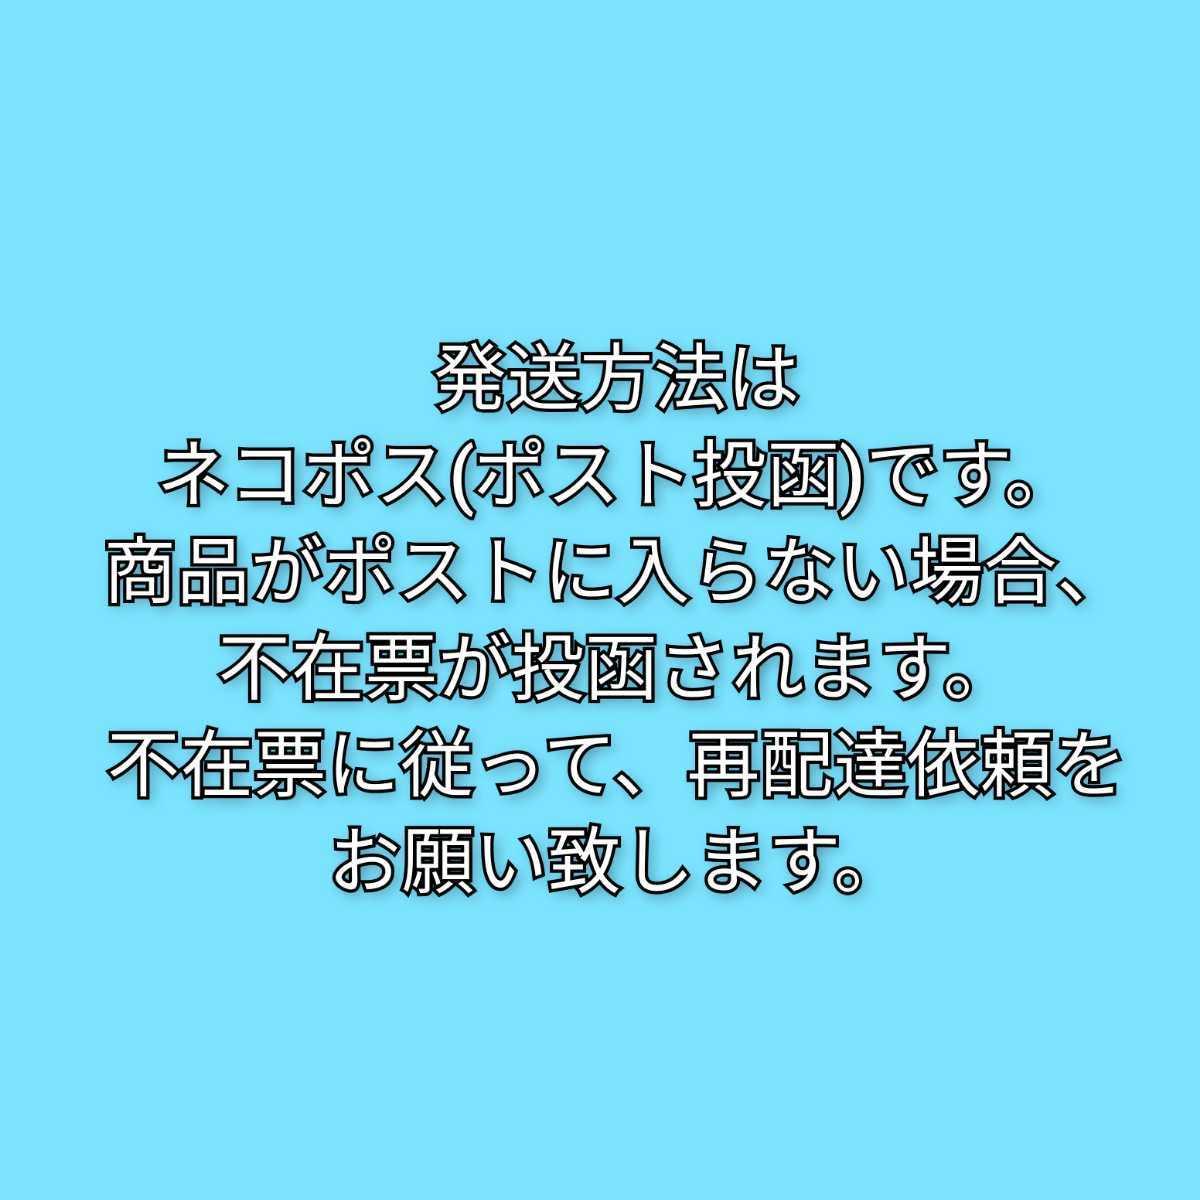 2種類20袋セット 澤井珈琲 ドリップコーヒー ビクトリーブレンド  ブレンドフォルテシモ 通販 送料無料_画像3